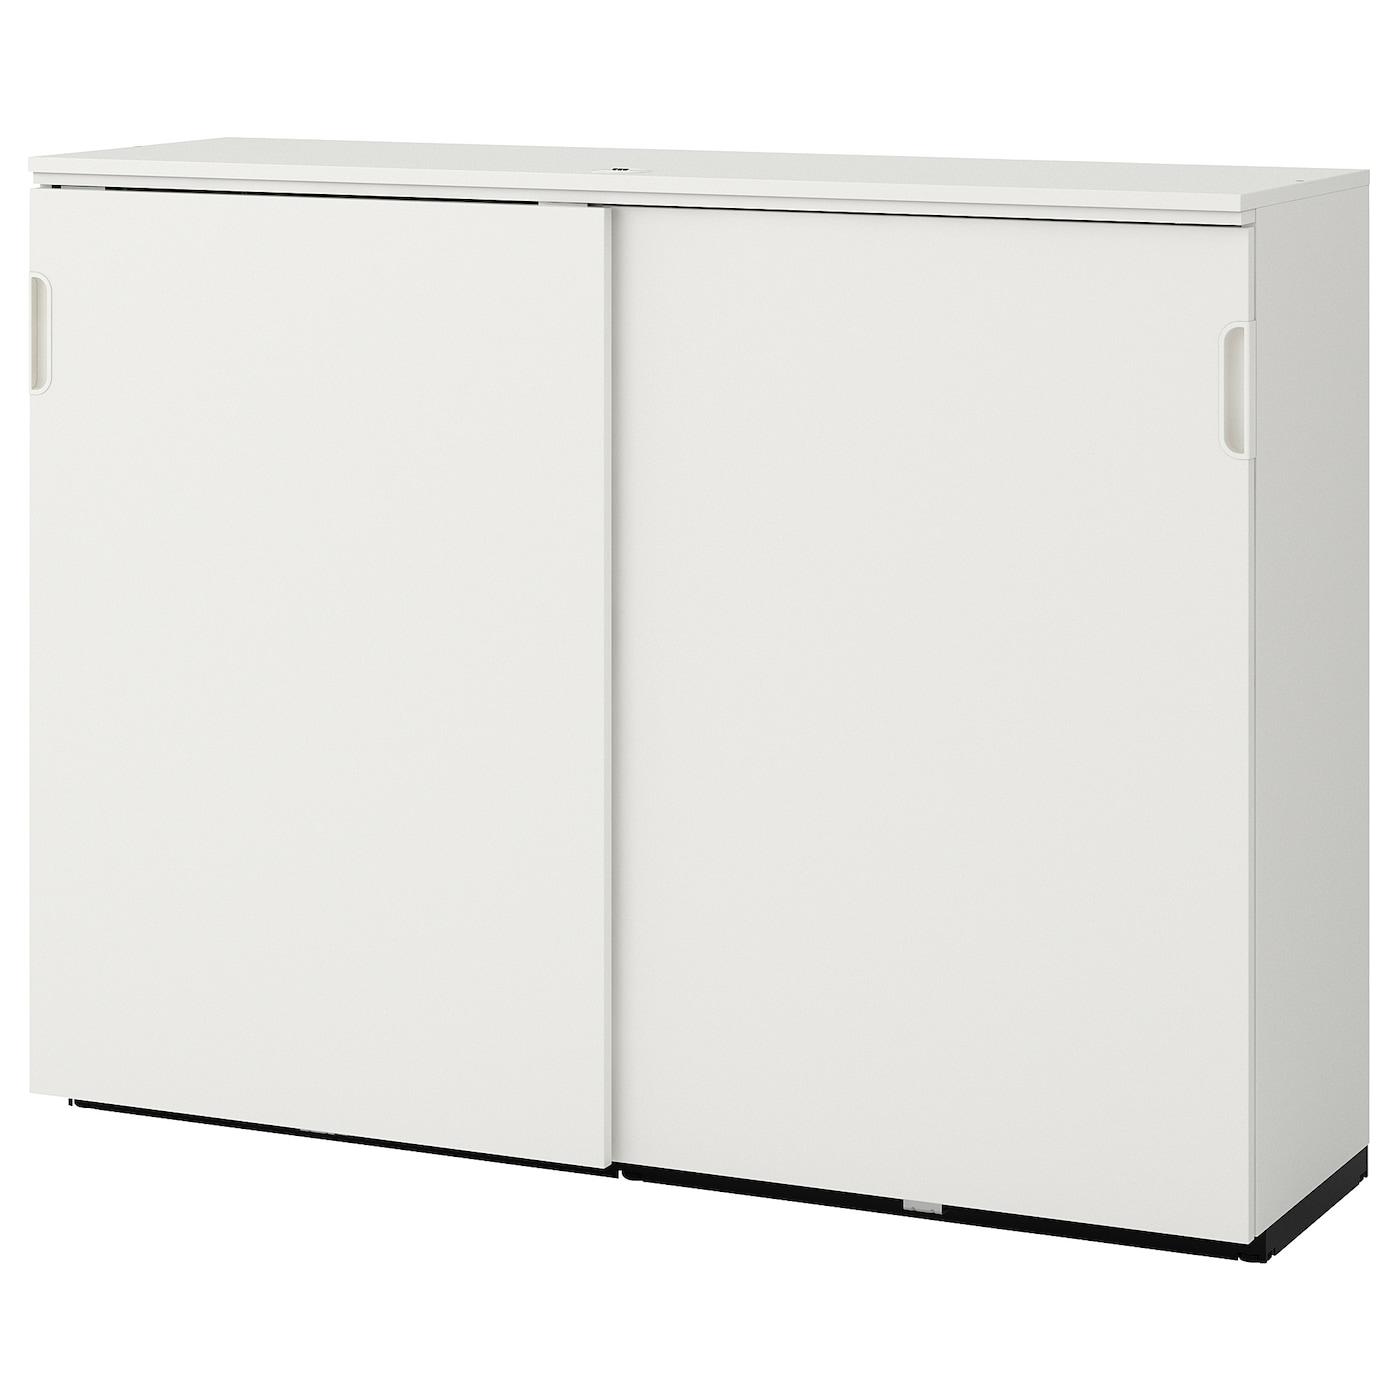 GALANT Élément à portes coulissantes - blanc 14x14 cm